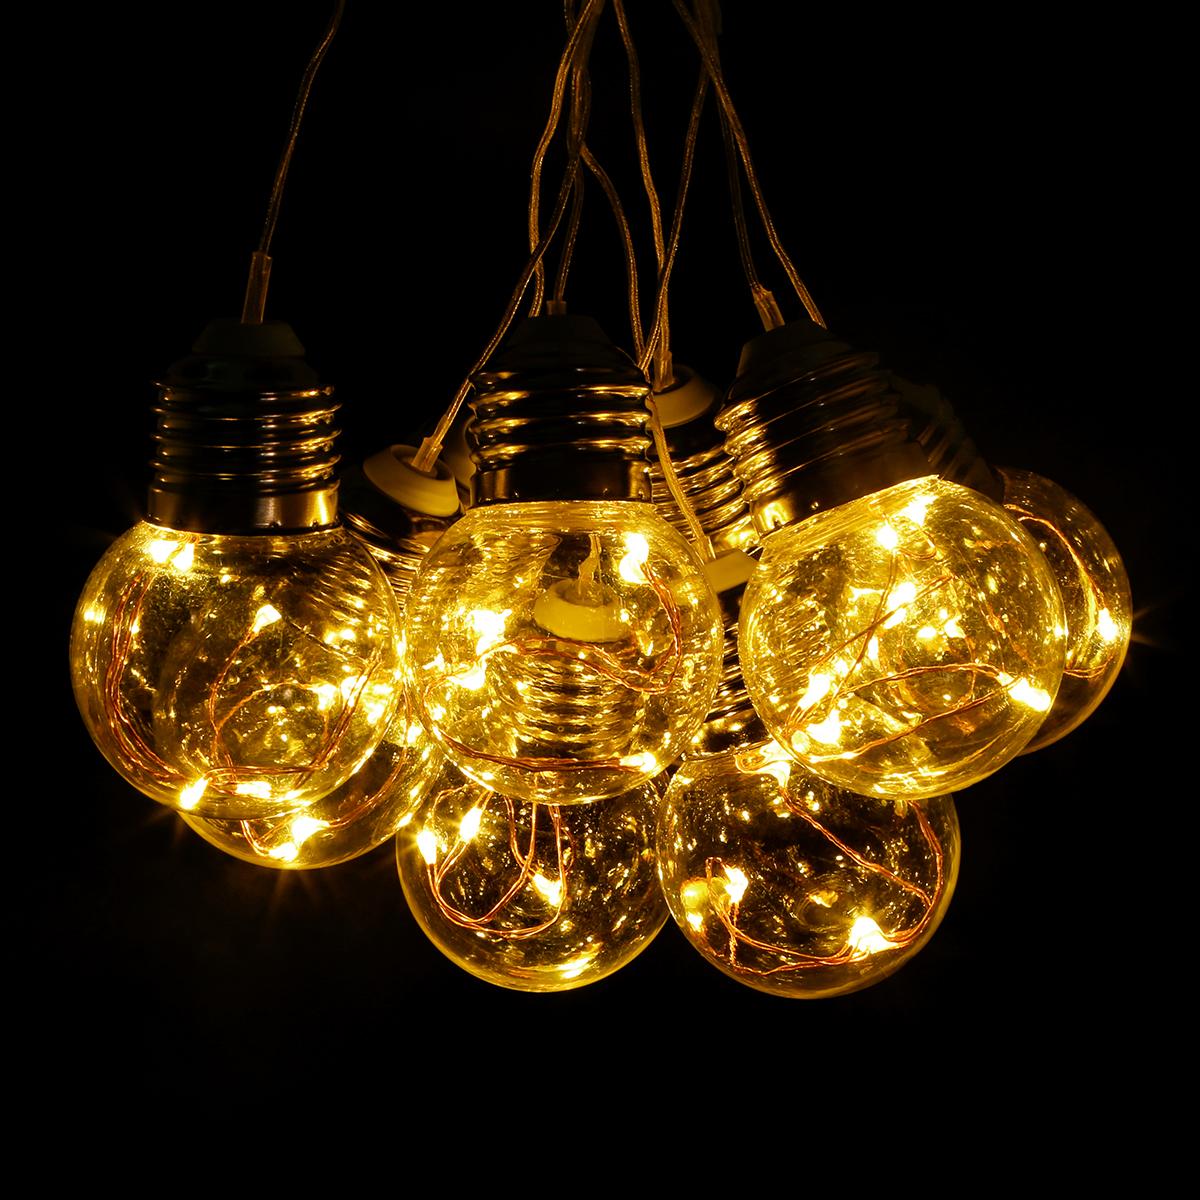 6M LED Lichterkette, 4,5W 125er LEDs, Warmweiß Wasserdicht Kupferdraht Beleuchtung, Deko für Weihnachten Dekoration Party